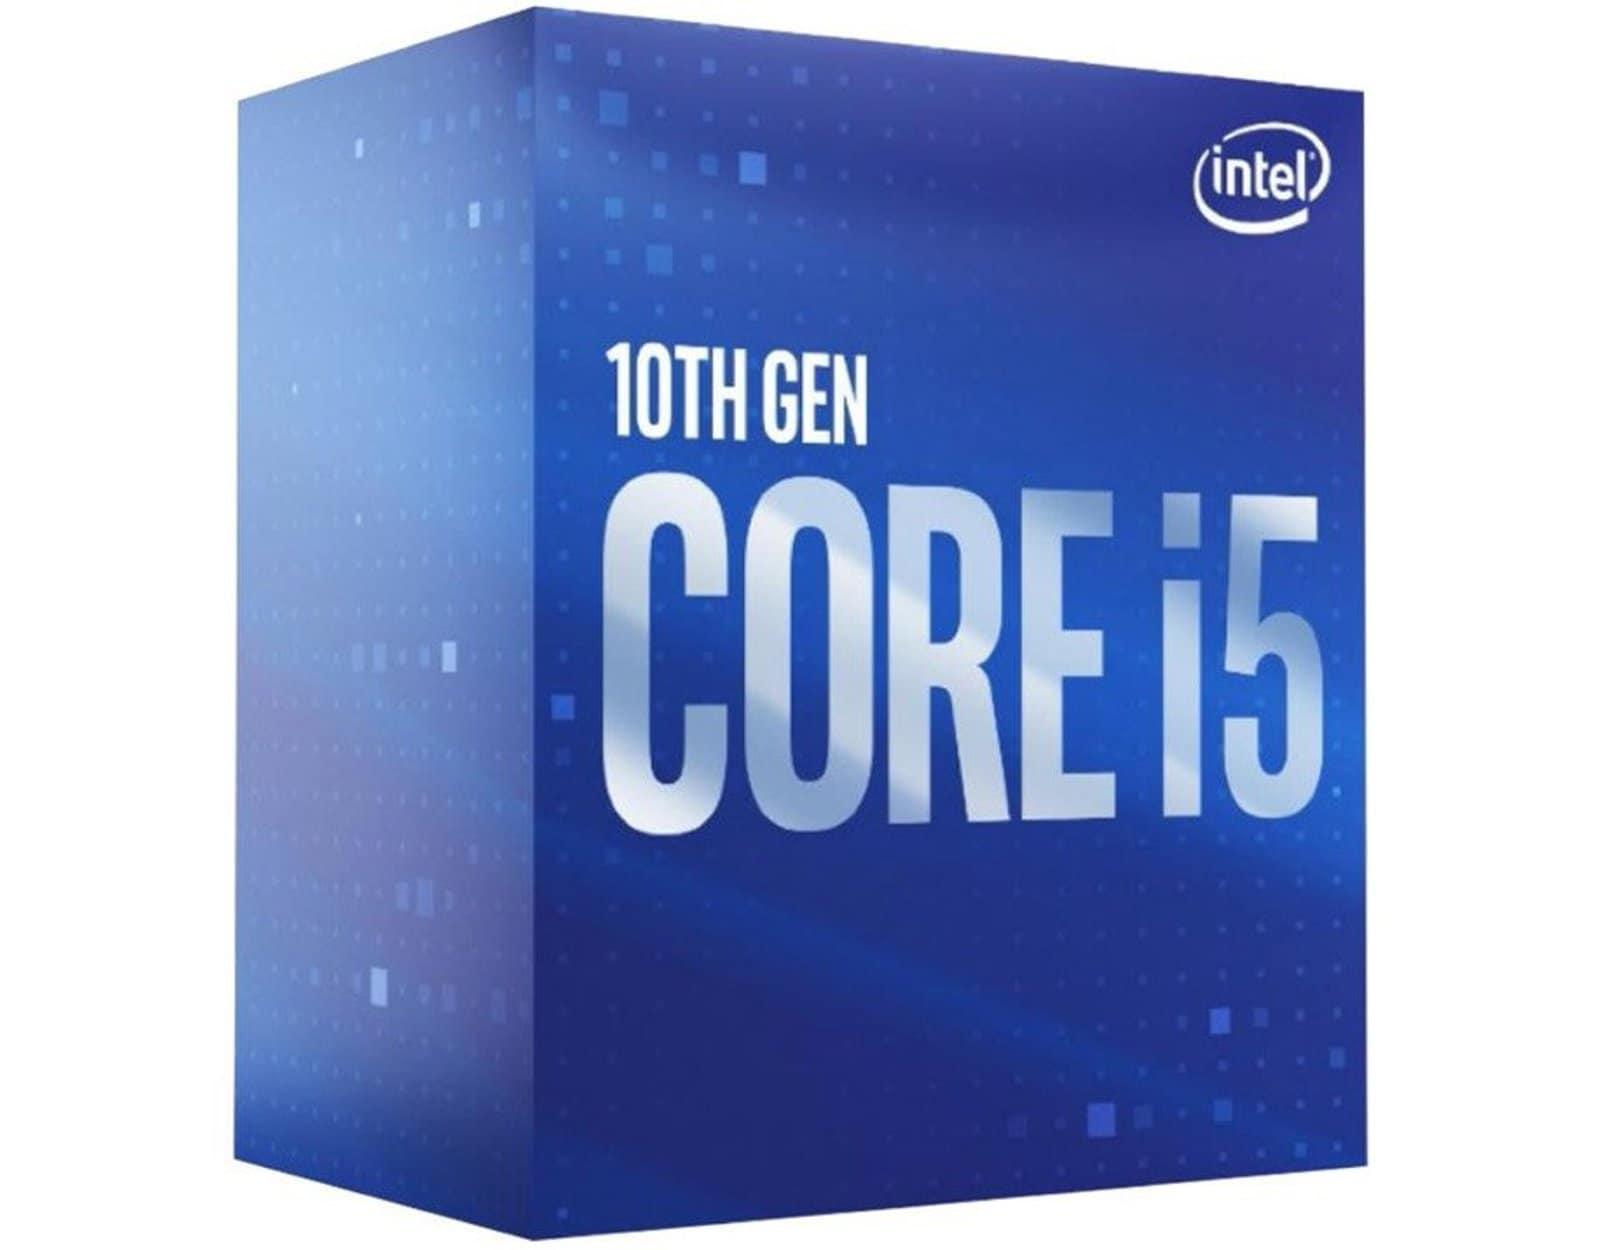 Komputer gamingowy Intel Core i5-10400F / Zotac GeForce GTX 1650 4GB / 240GB SSD / 16GB DDR4 / WIN 10 PRO - 4